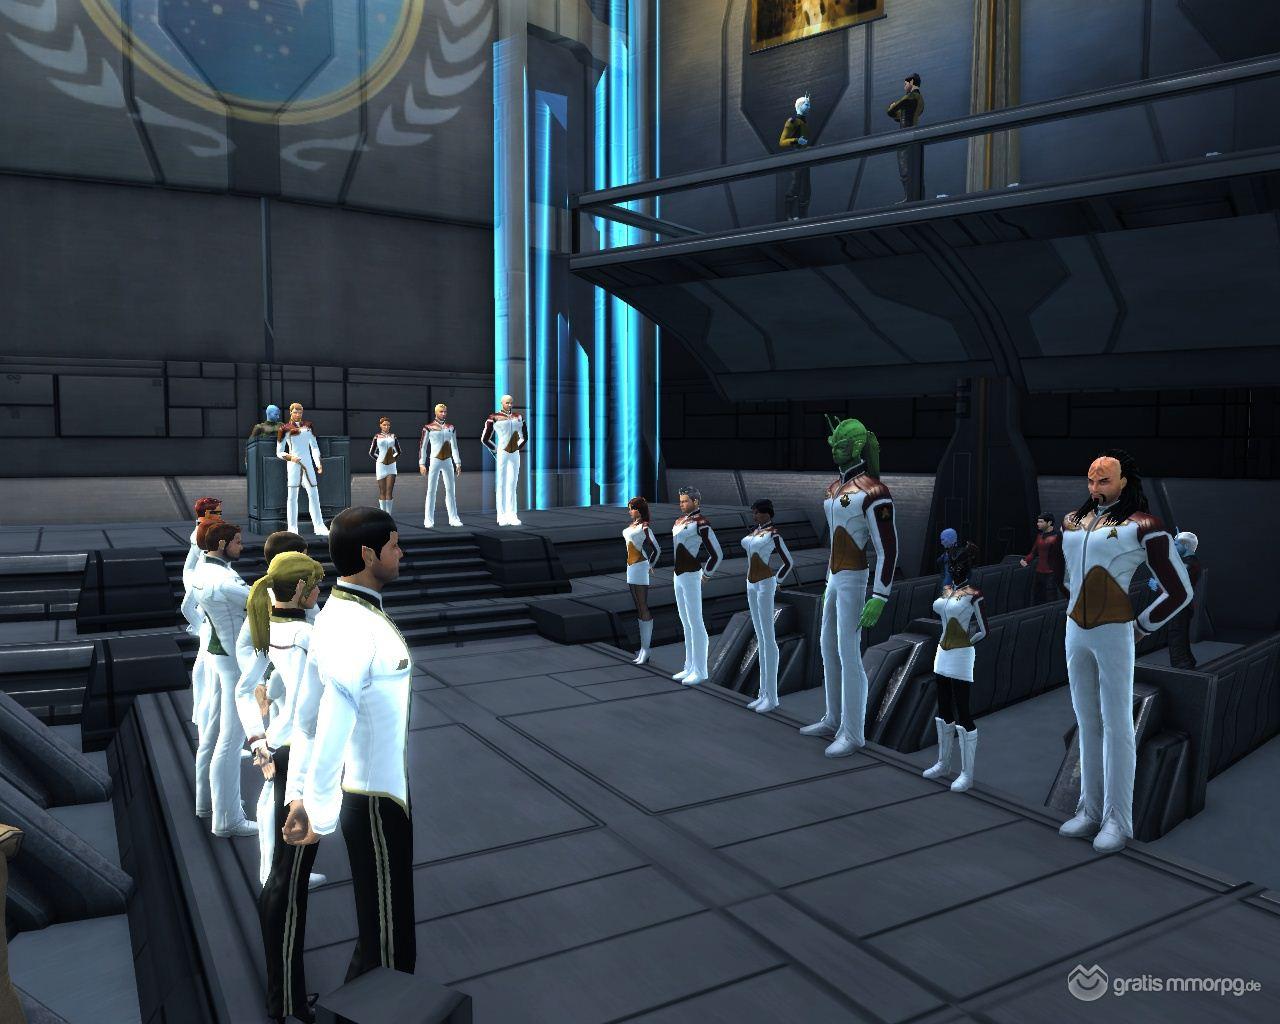 Klicke auf die Grafik für eine größere AnsichtName:Star Trek Online (16).jpgHits:174Größe:157,1 KBID:4456